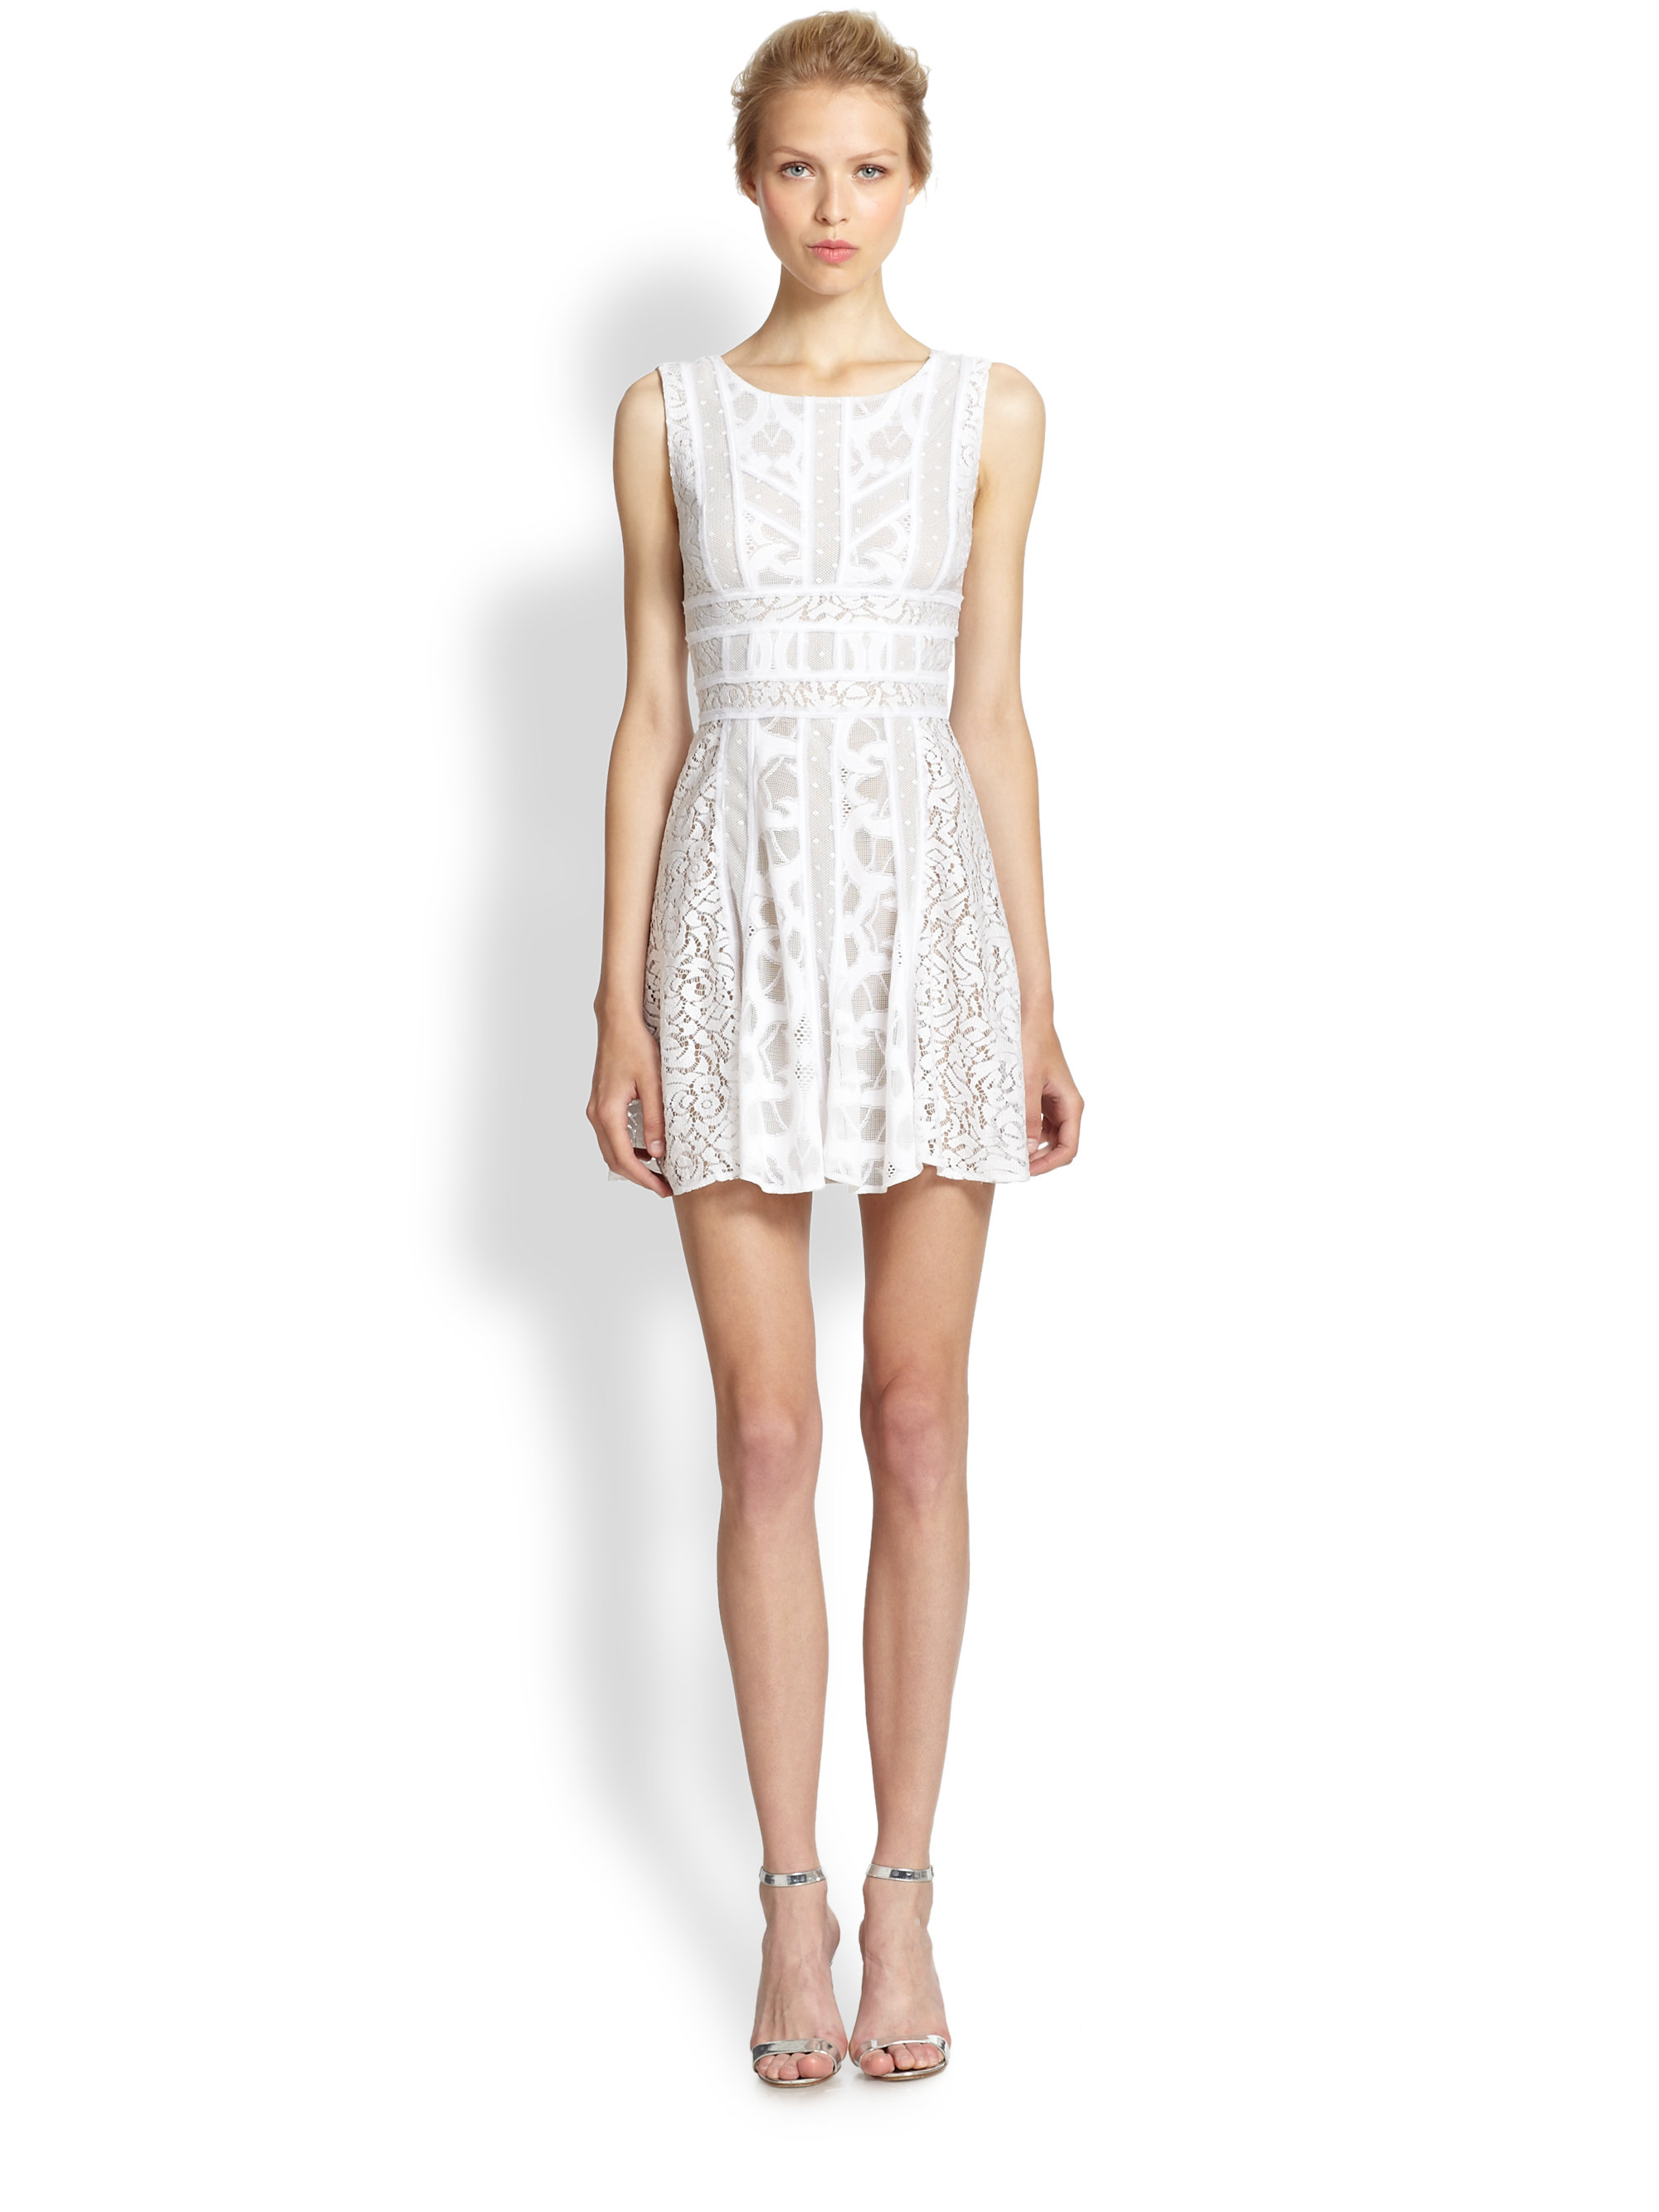 Lyst - BCBGMAXAZRIA Lace Fit   Flare Dress in White 1f29a1a06